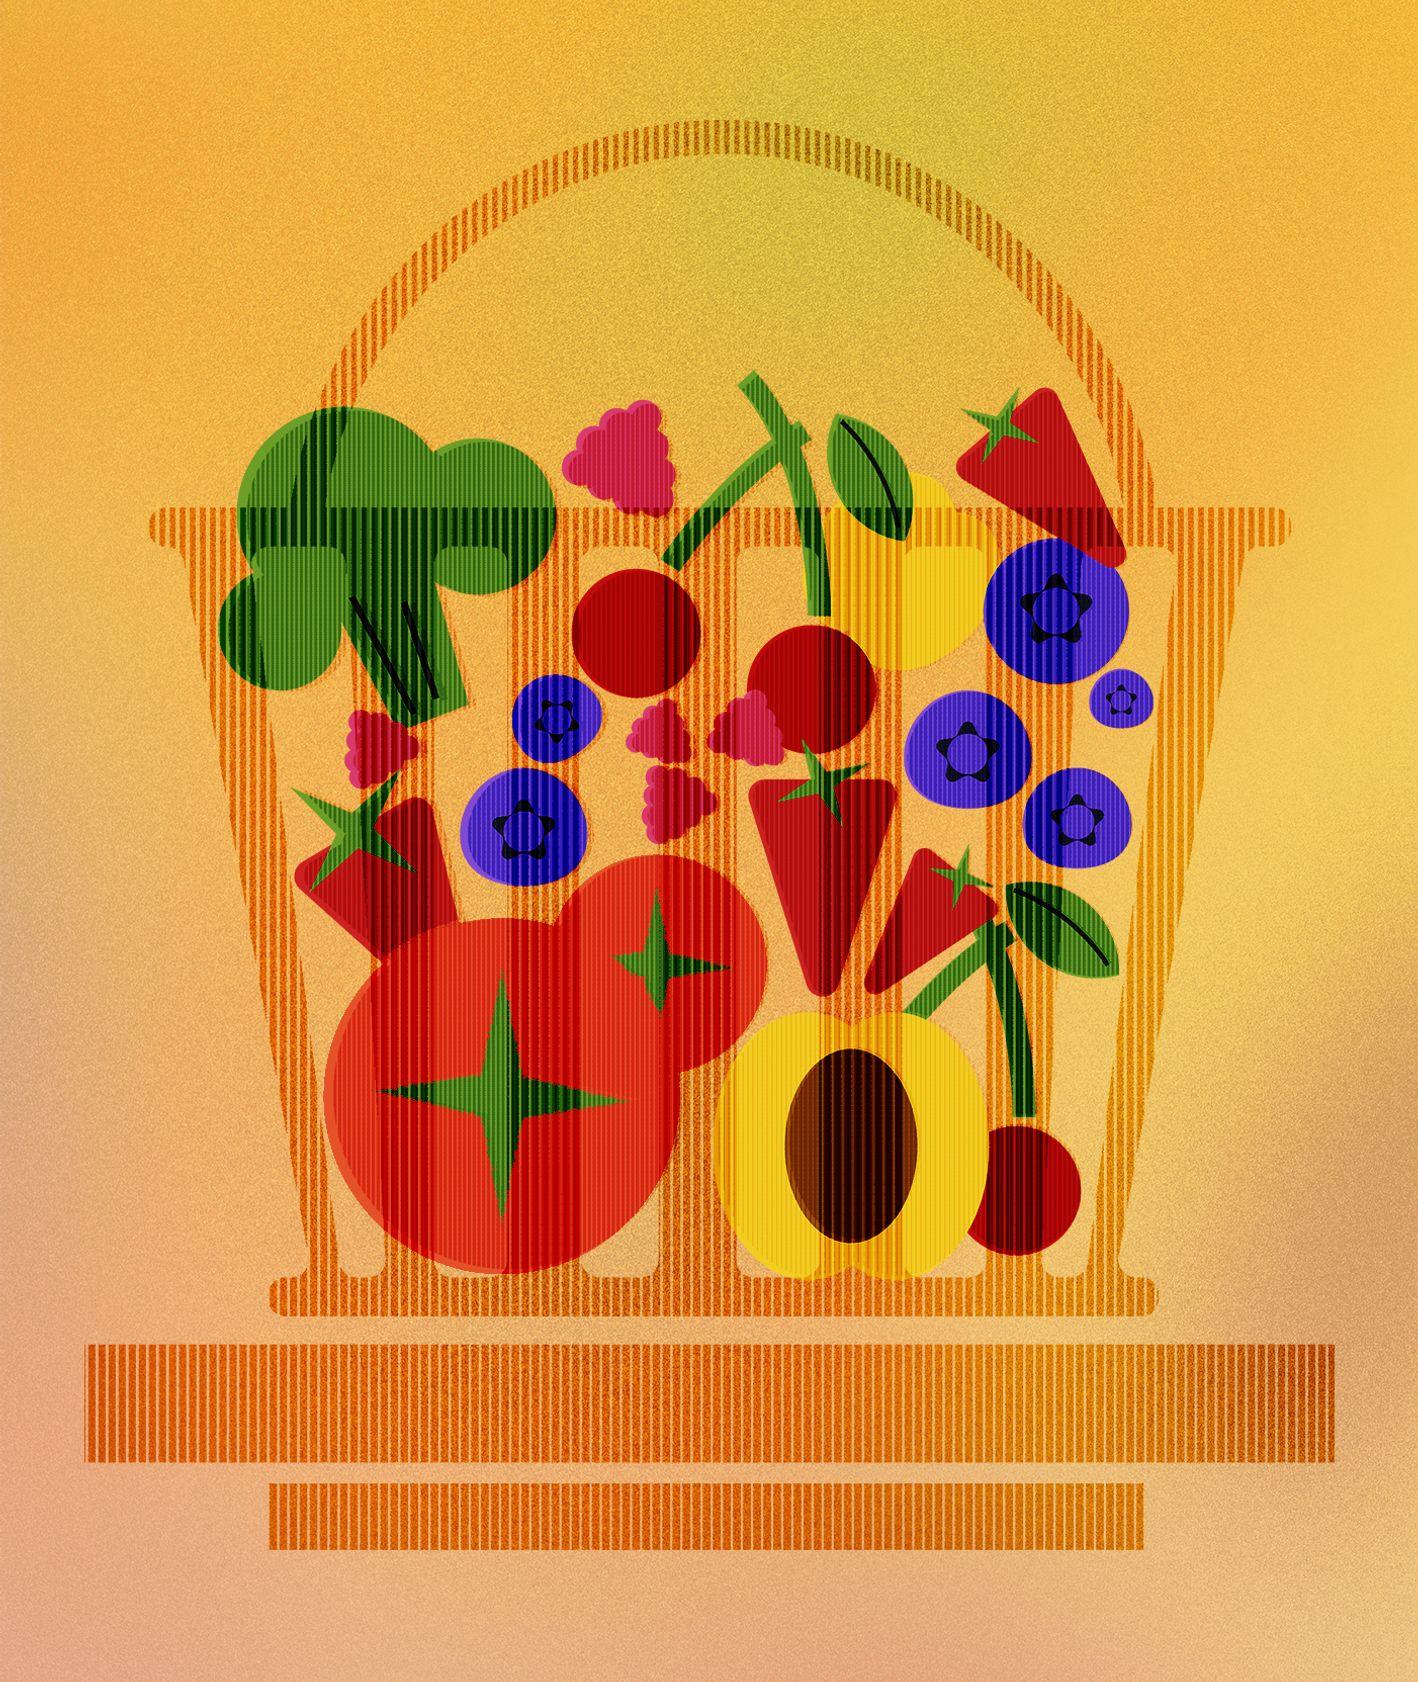 Kosz sezonowych warzyw i owoców (il. Pola)